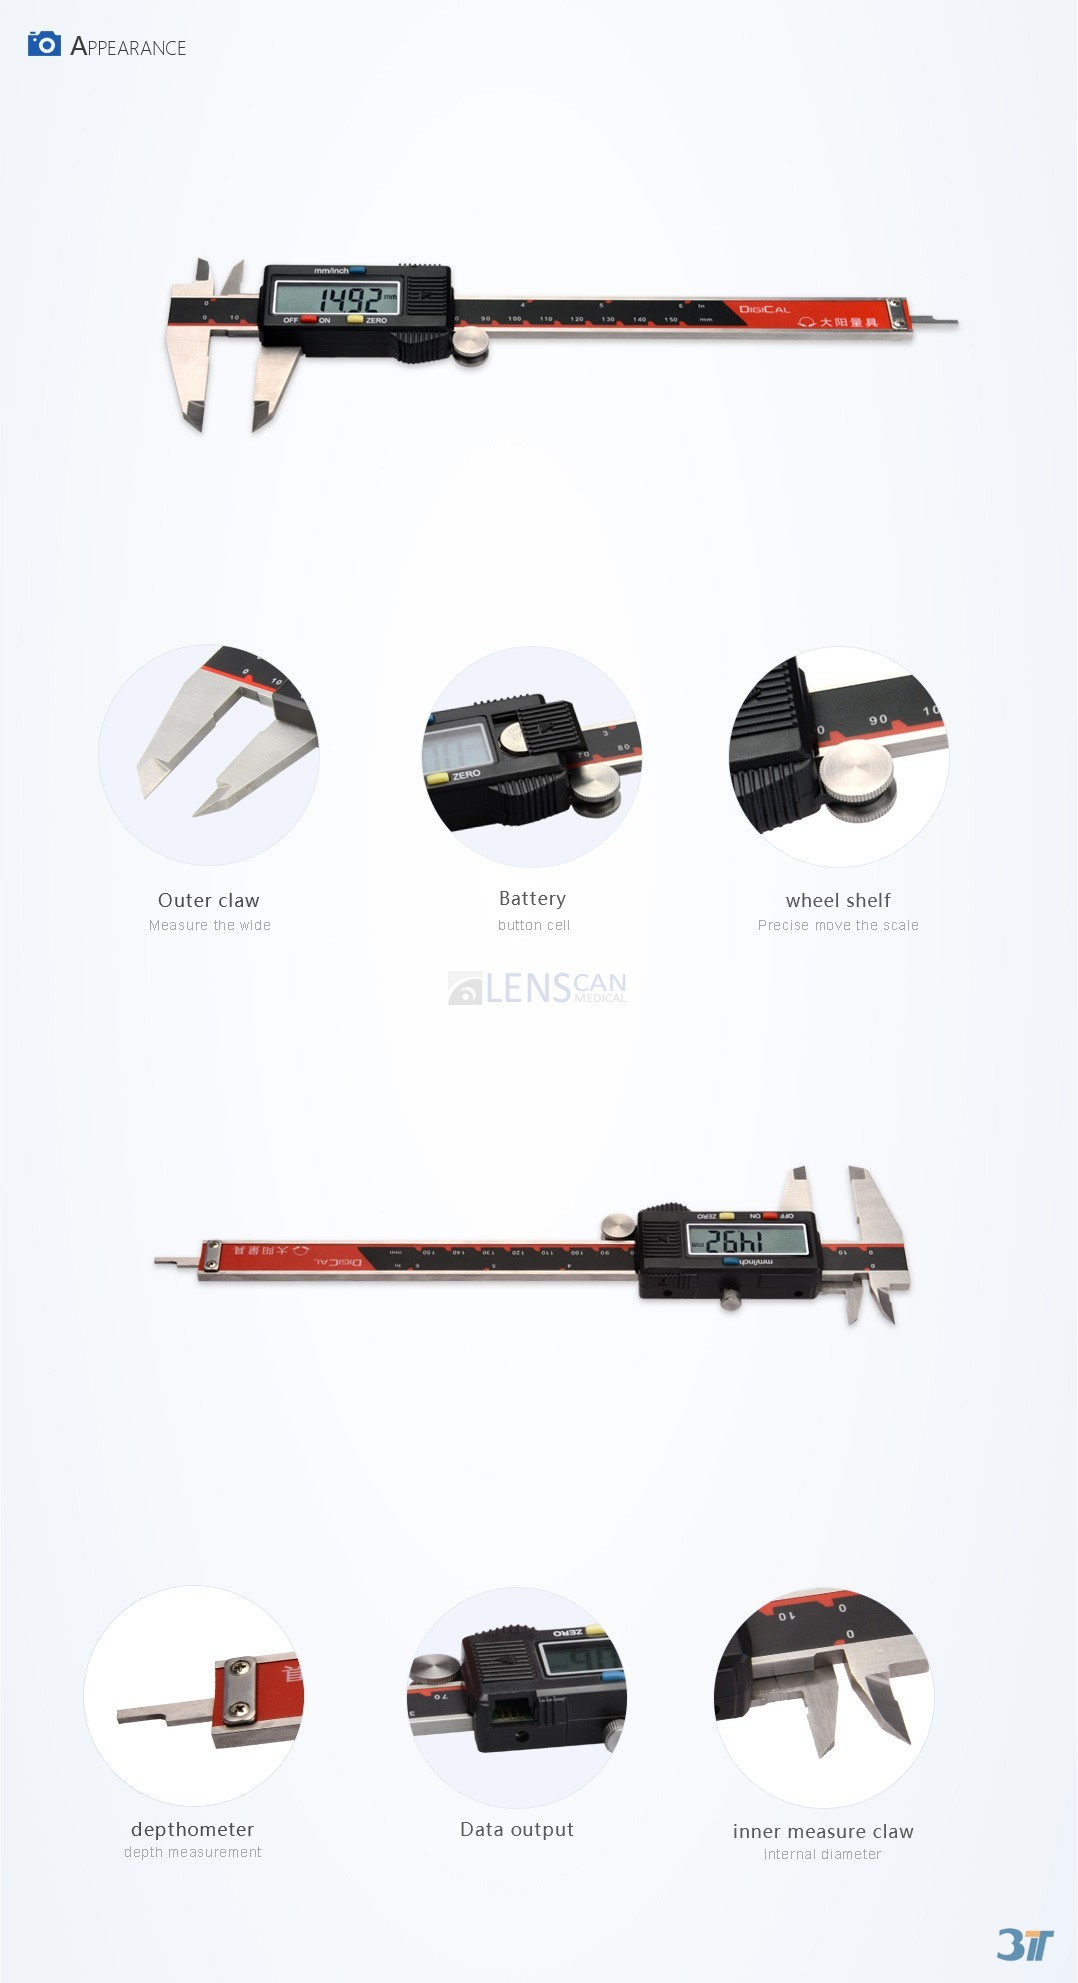 Digital caliper (SL)